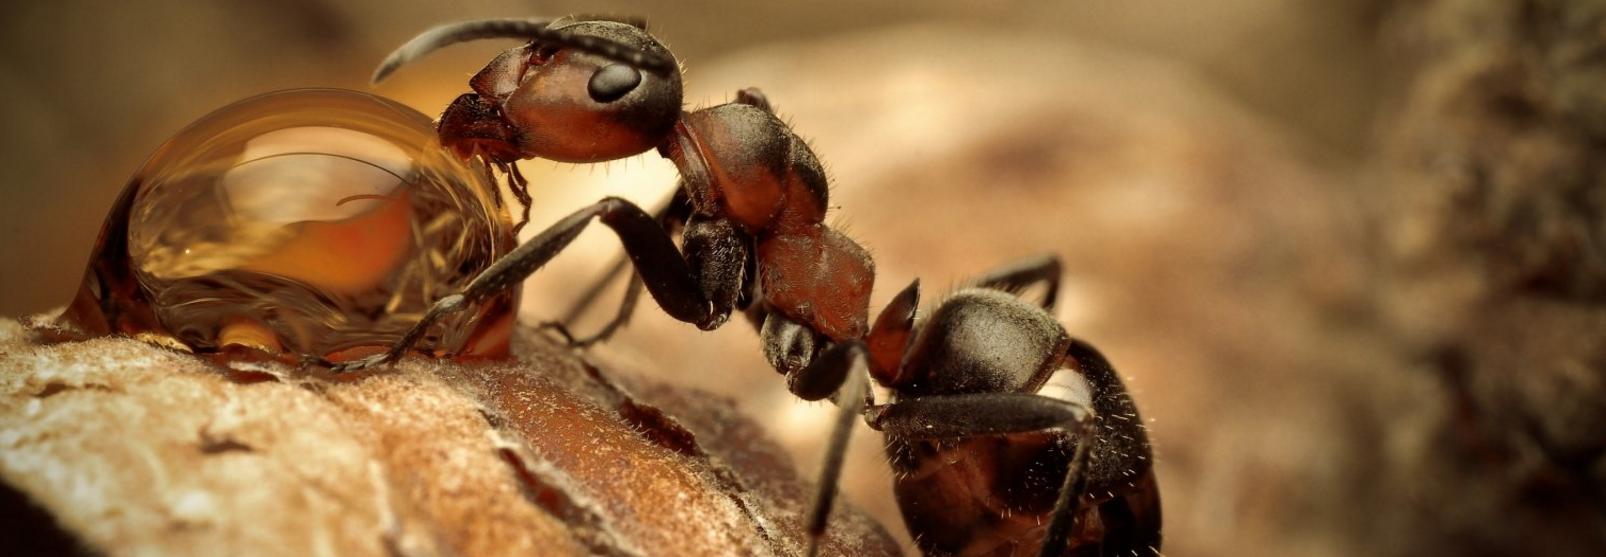 Выгодные цены на комплекты, формикарий + муравьи